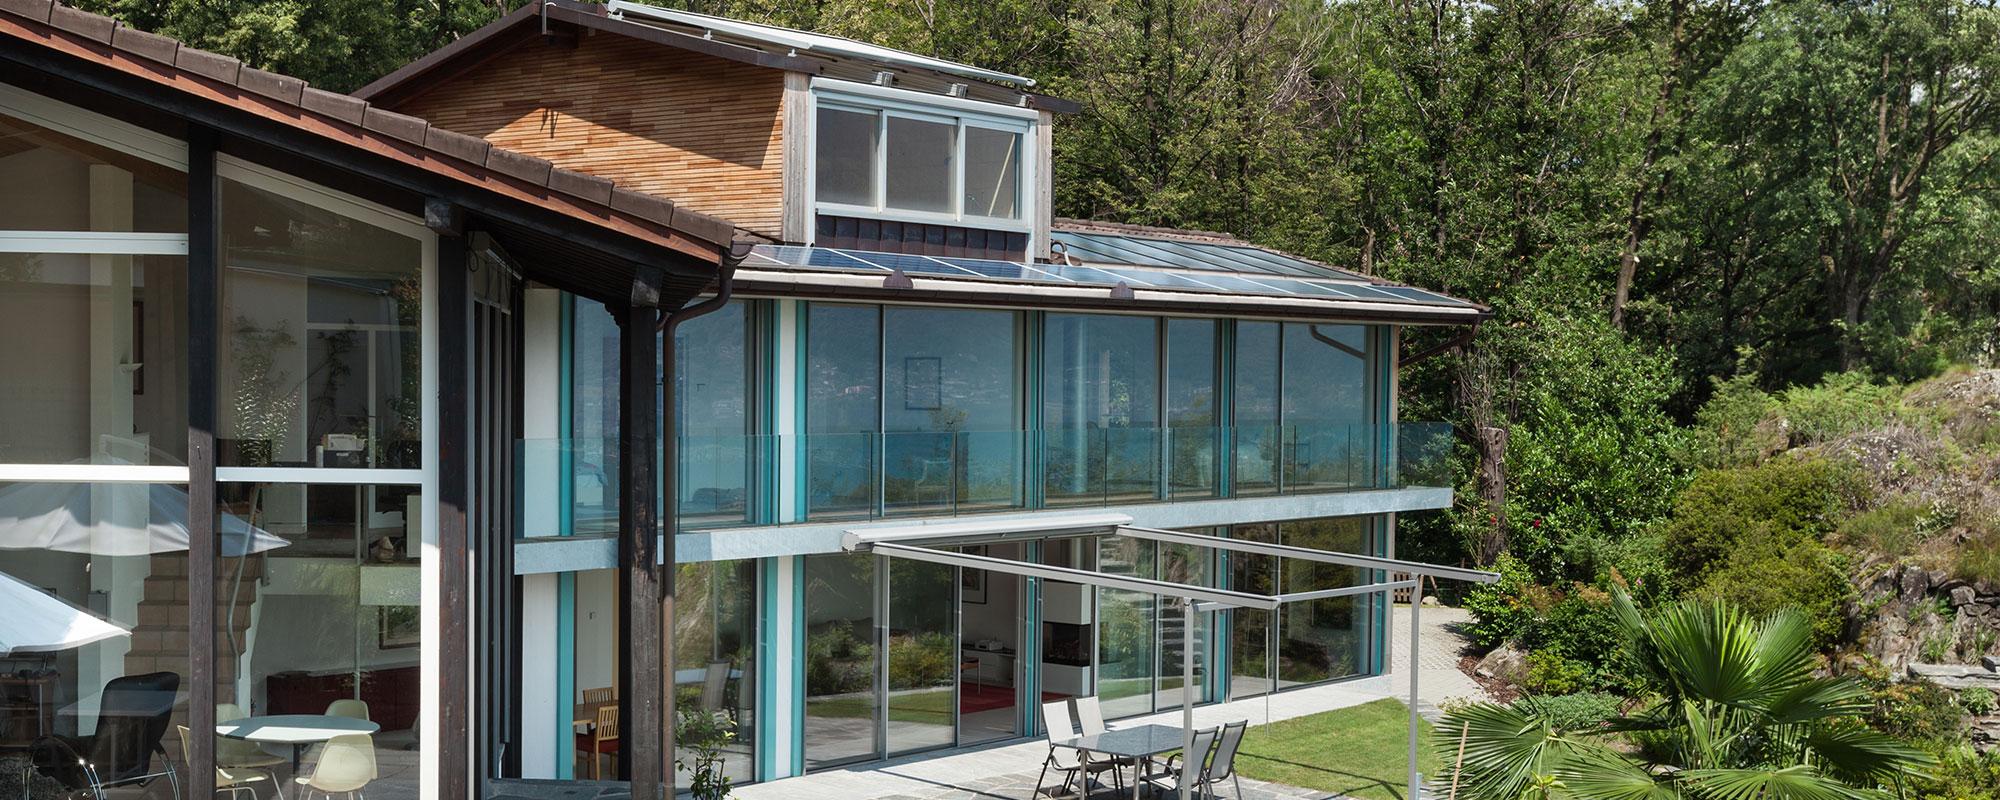 Панорамне скління фасадів будинків та балконів